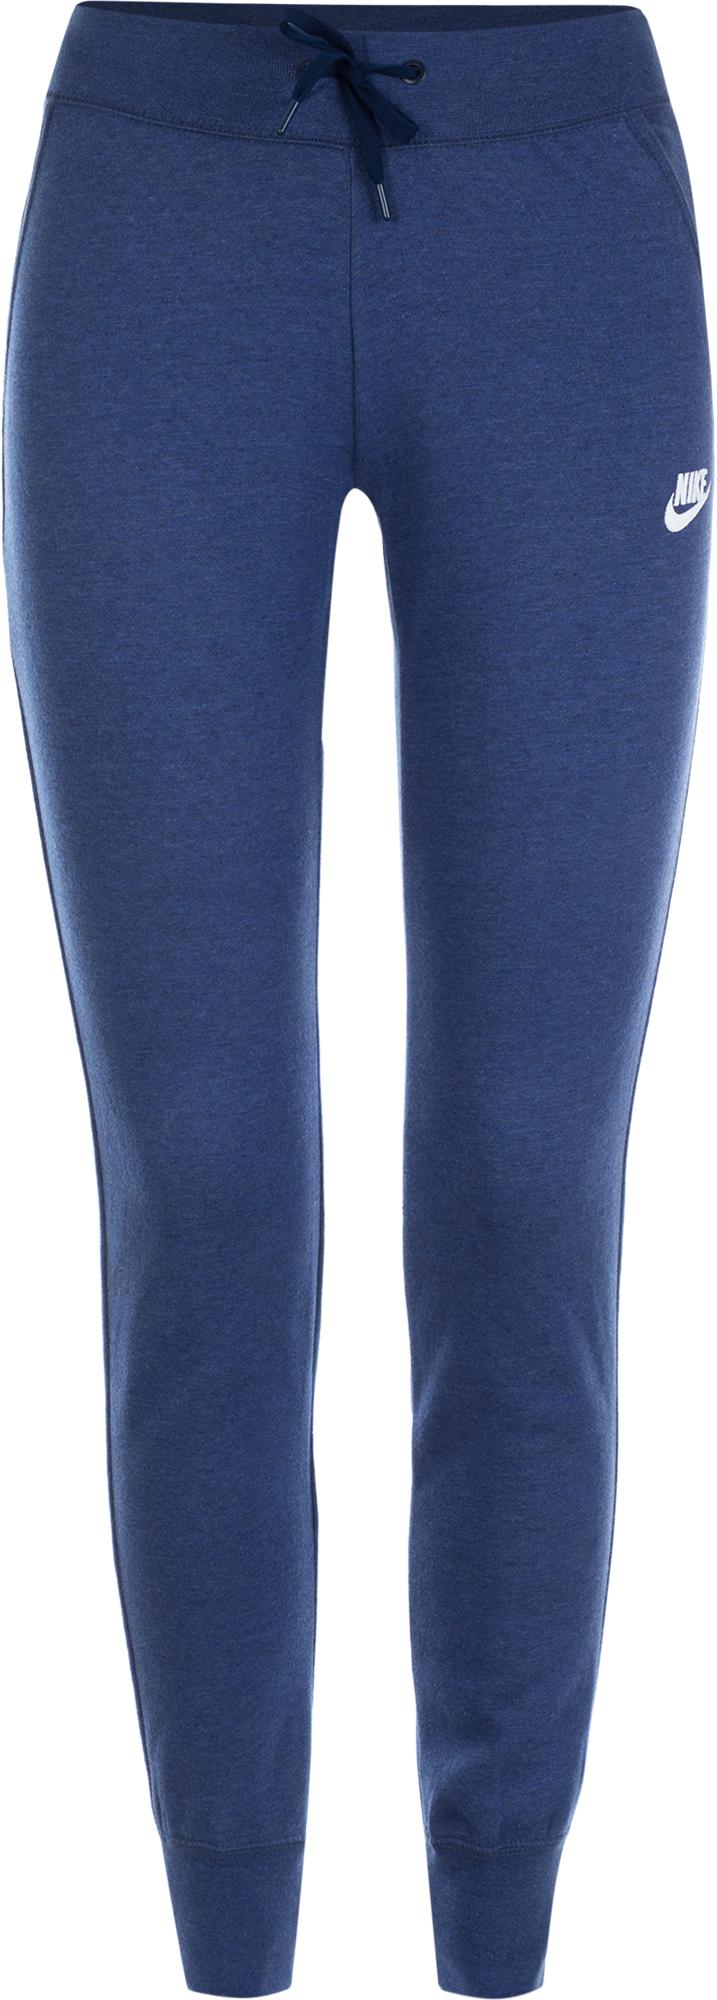 Nike Брюки женские Nike Sportswear, размер 50-52 nike брюки женские nike sportswear advance 15 размер 46 48